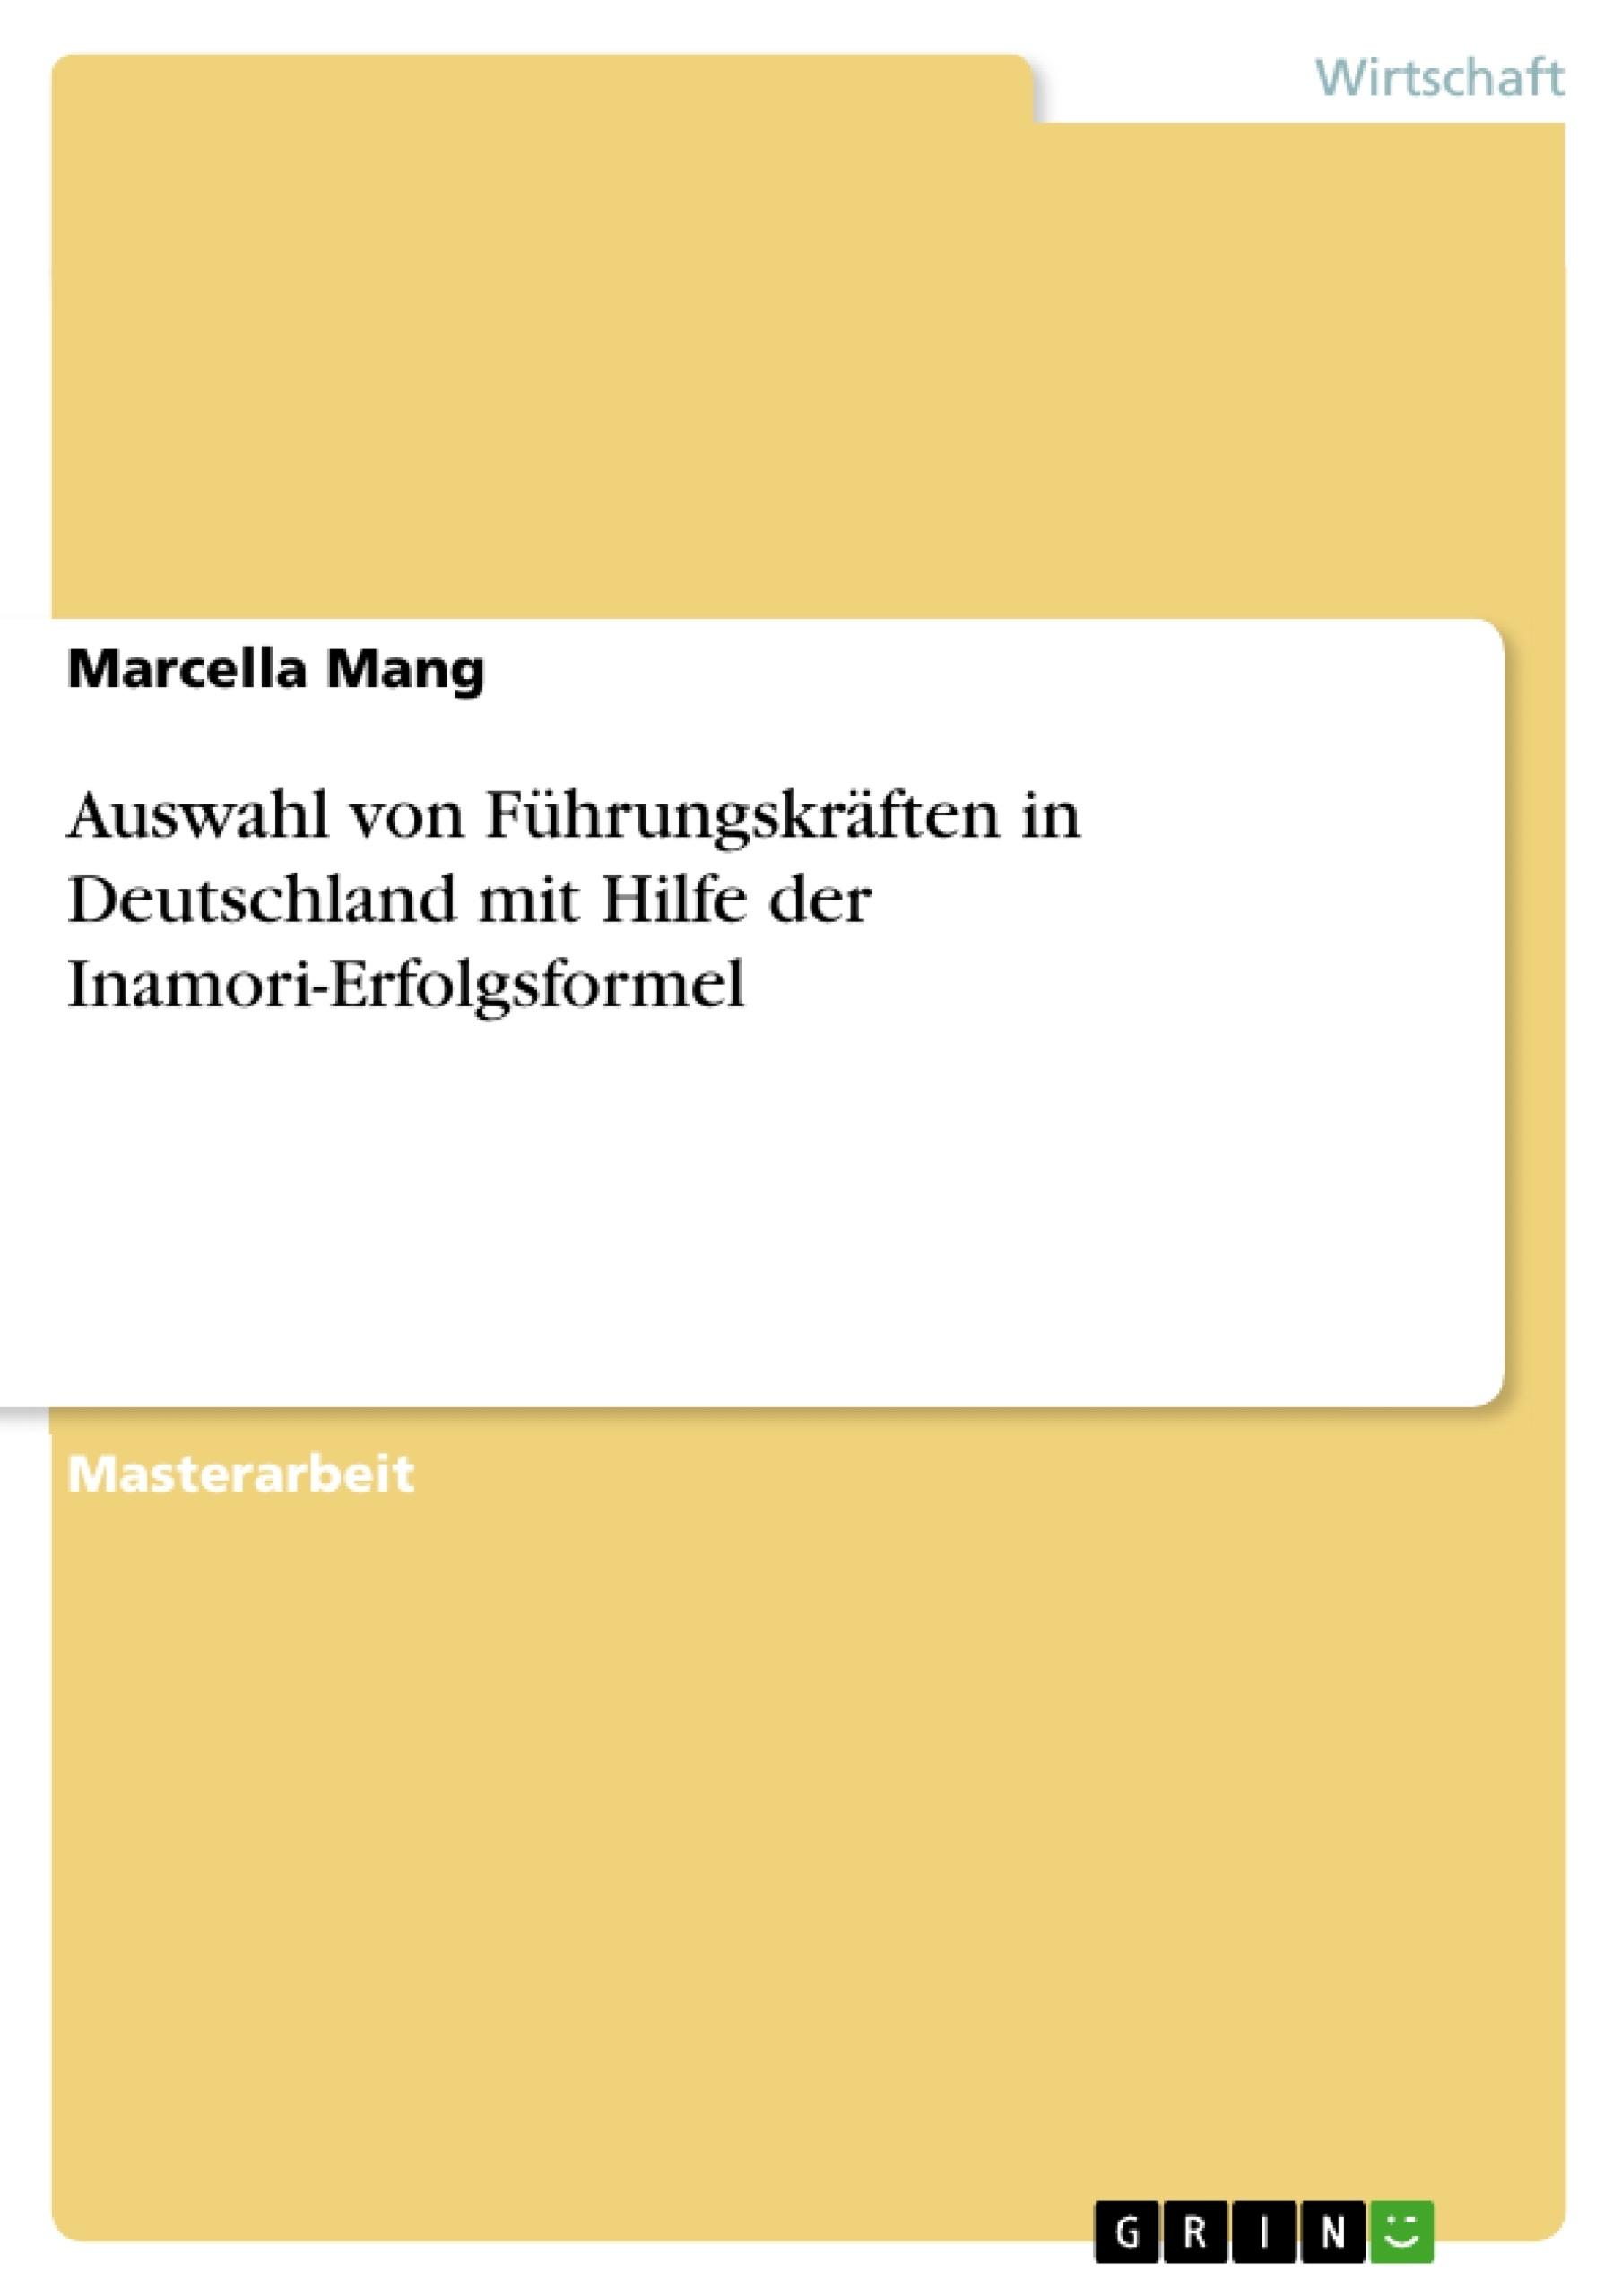 Titel: Auswahl von Führungskräften in Deutschland mit Hilfe der Inamori-Erfolgsformel